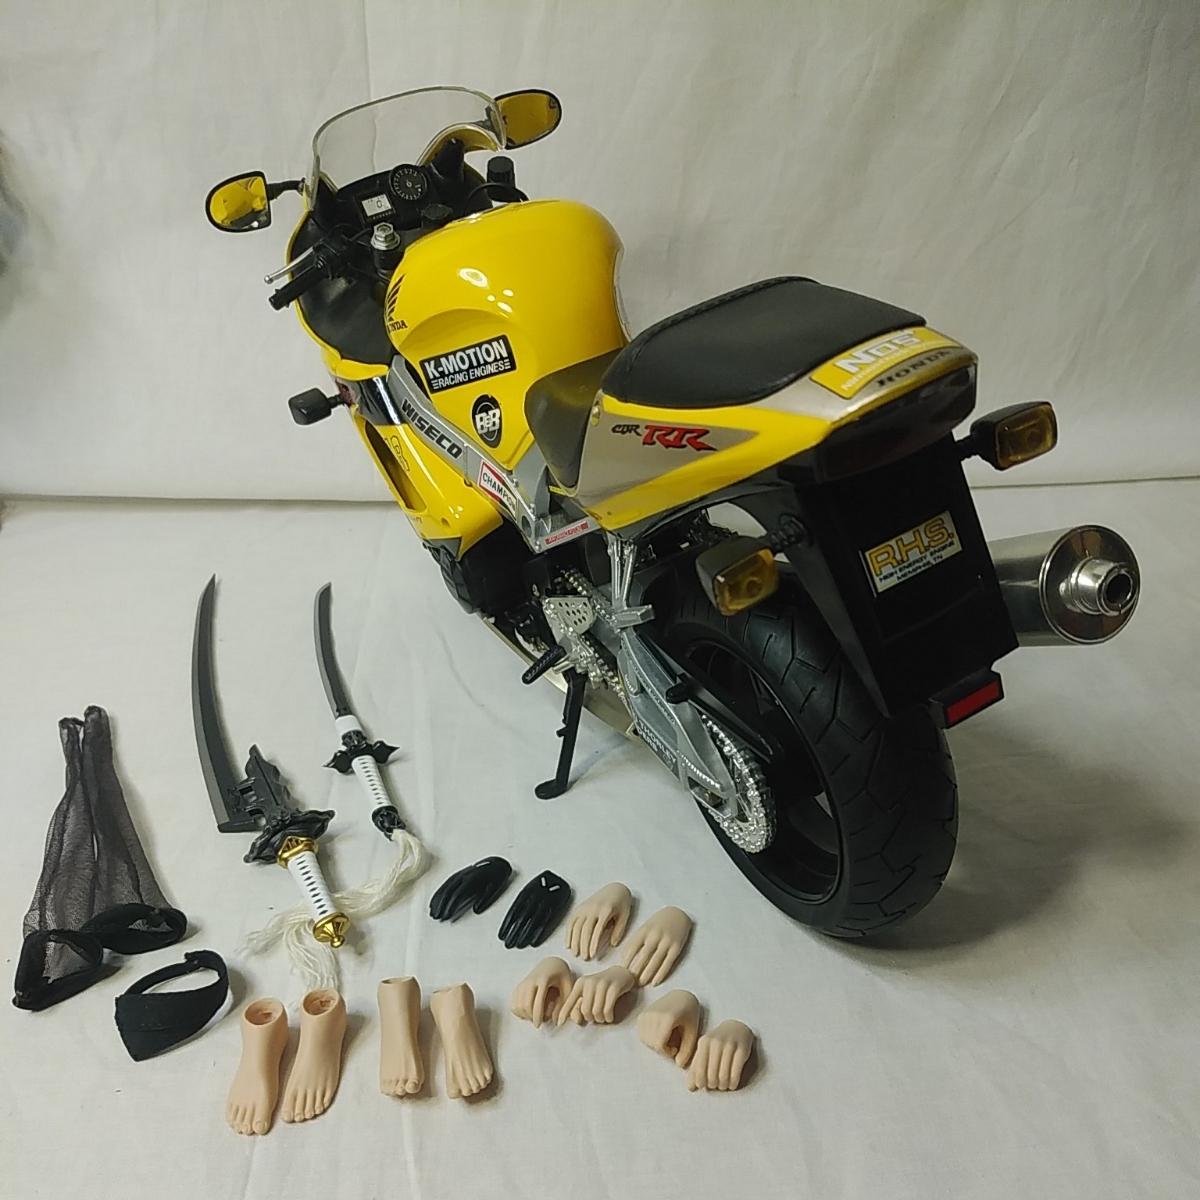 1/6ニーアオートマタヨルハ二号ヘッド衣装ファイセンtbリーグ製シームレスシリコンアクションフィギュアHondaCBR1000RRバイクのフルセット_画像6